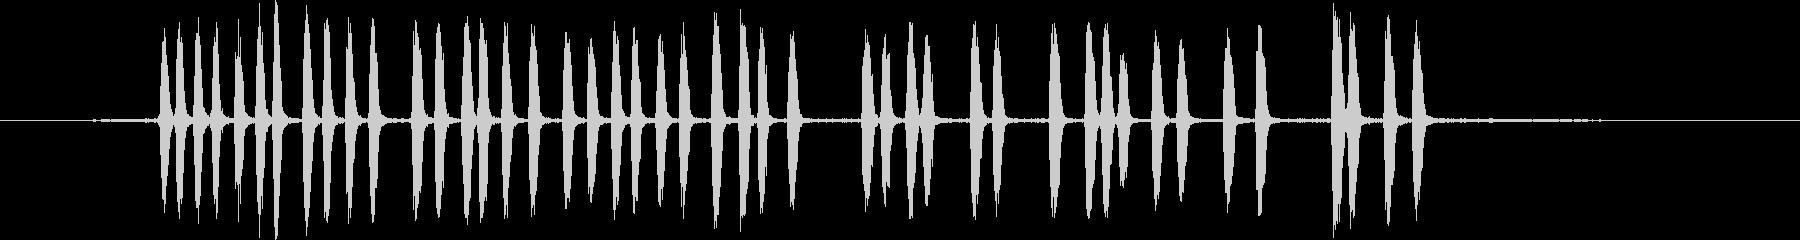 ユカタンジェイ:呼び出し、鳥の未再生の波形